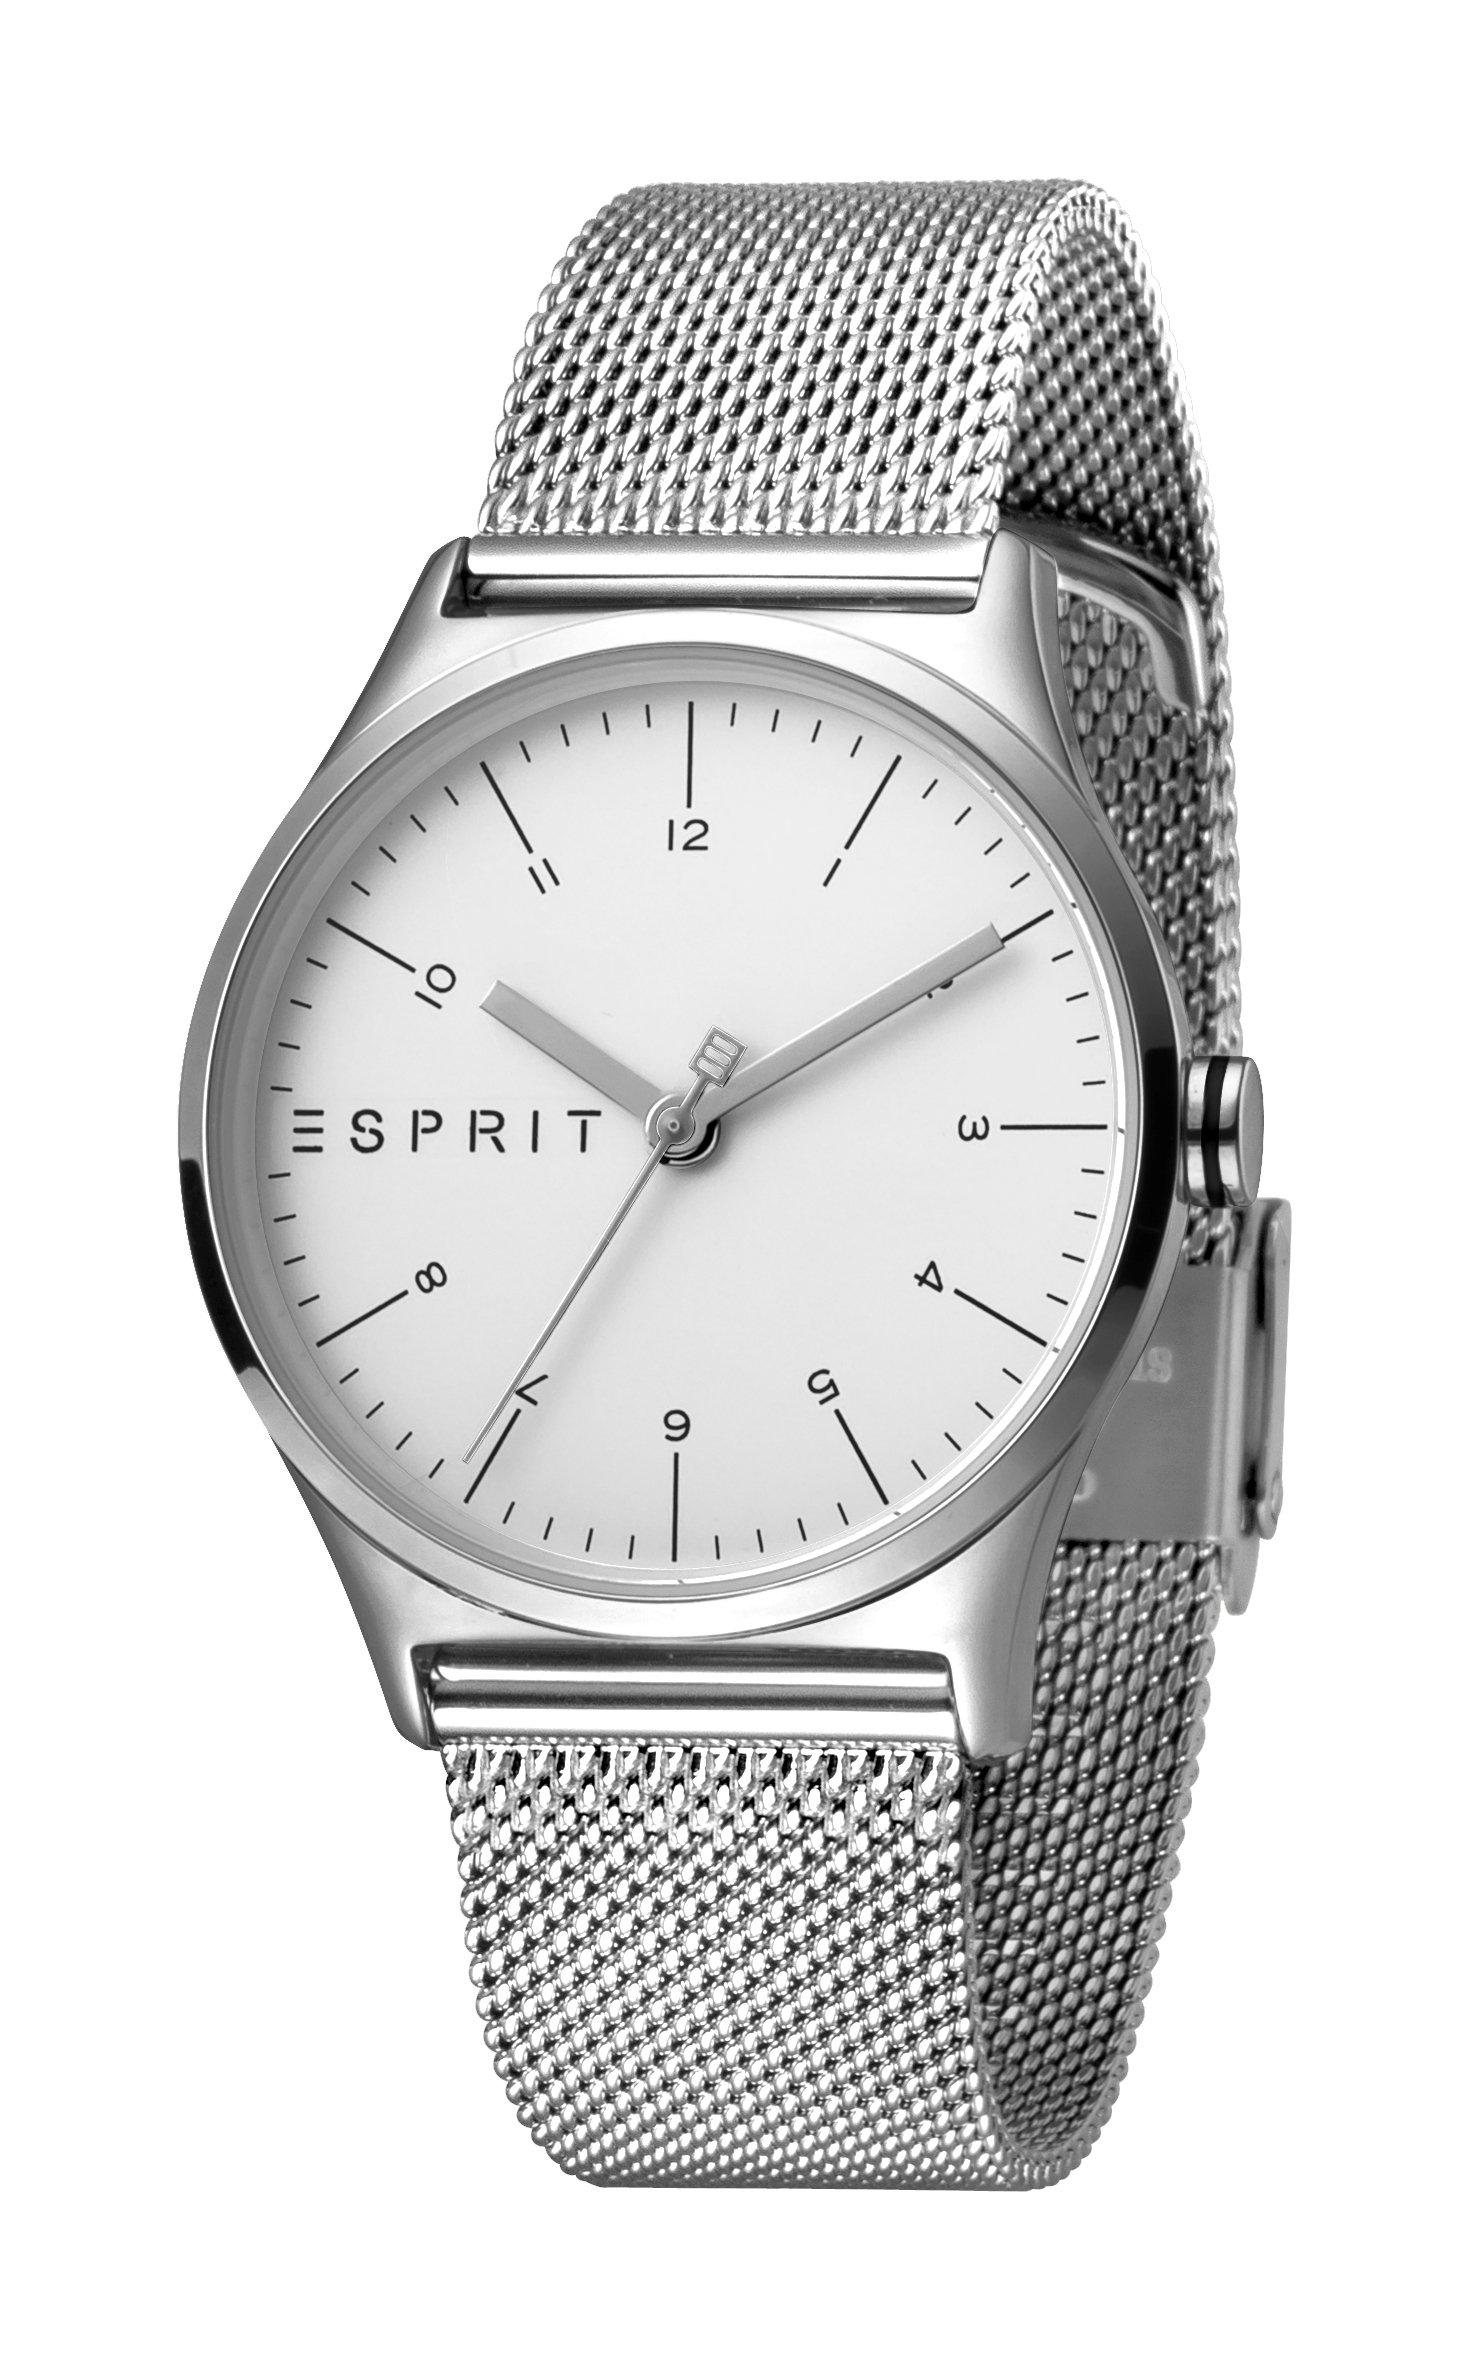 816fbdd4a Hodinky ESPRIT Essential Silver Mesh - Glami.sk